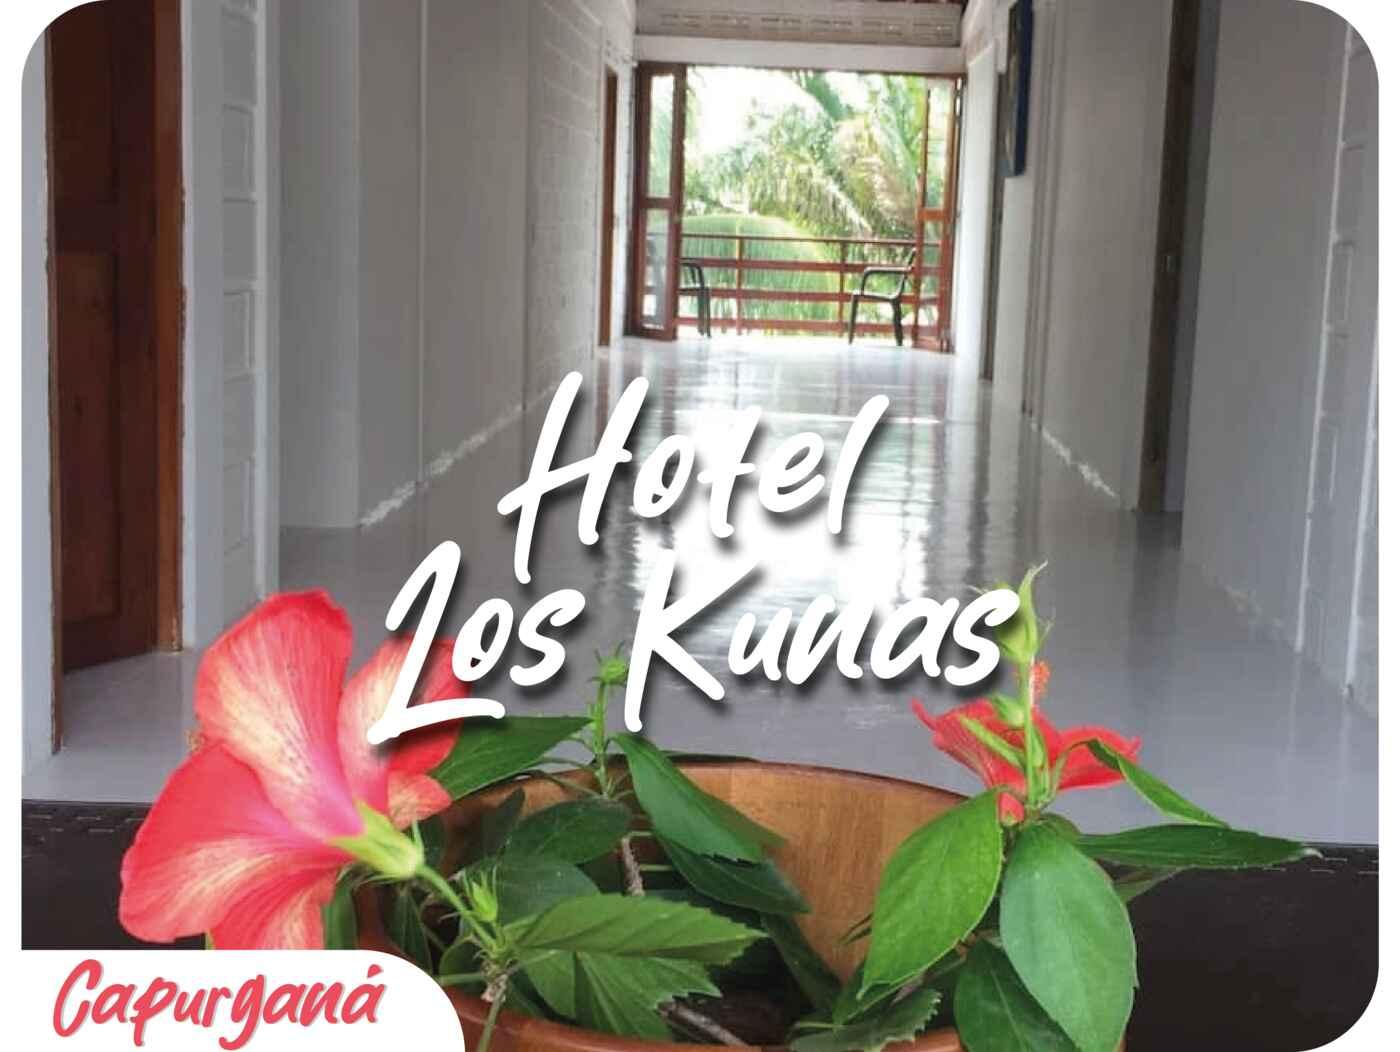 HOTEL LOS KUNAS - SOLO HOSPEDAJE